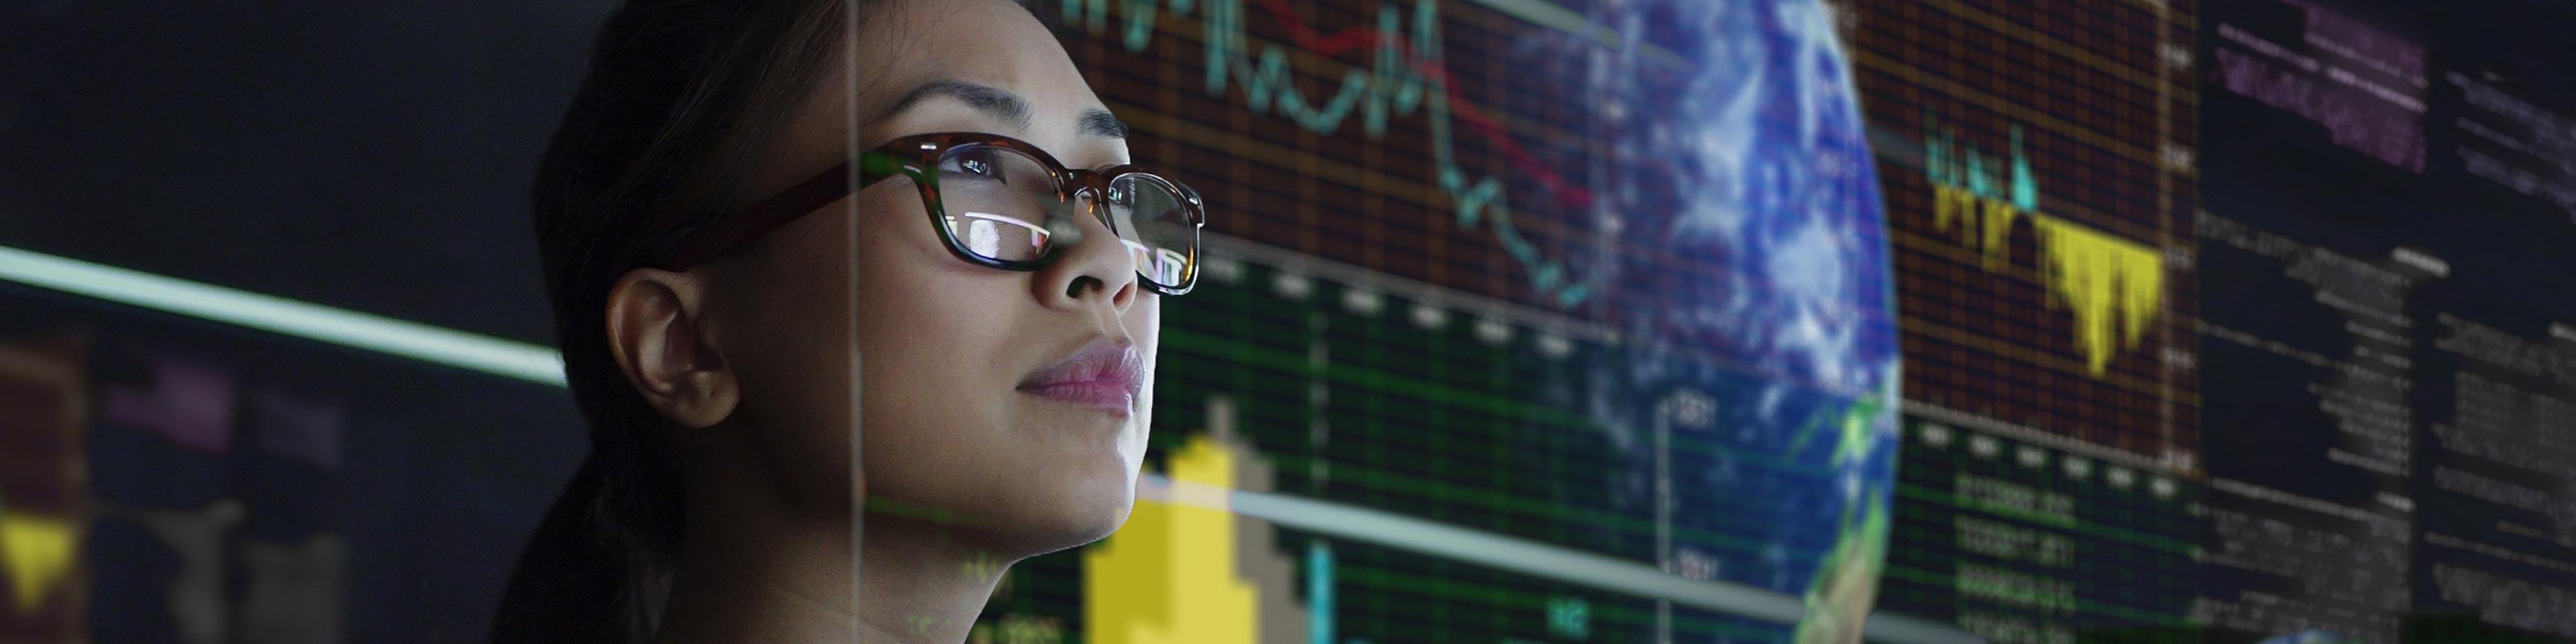 Vrouw die naar bankverkeer kijkt